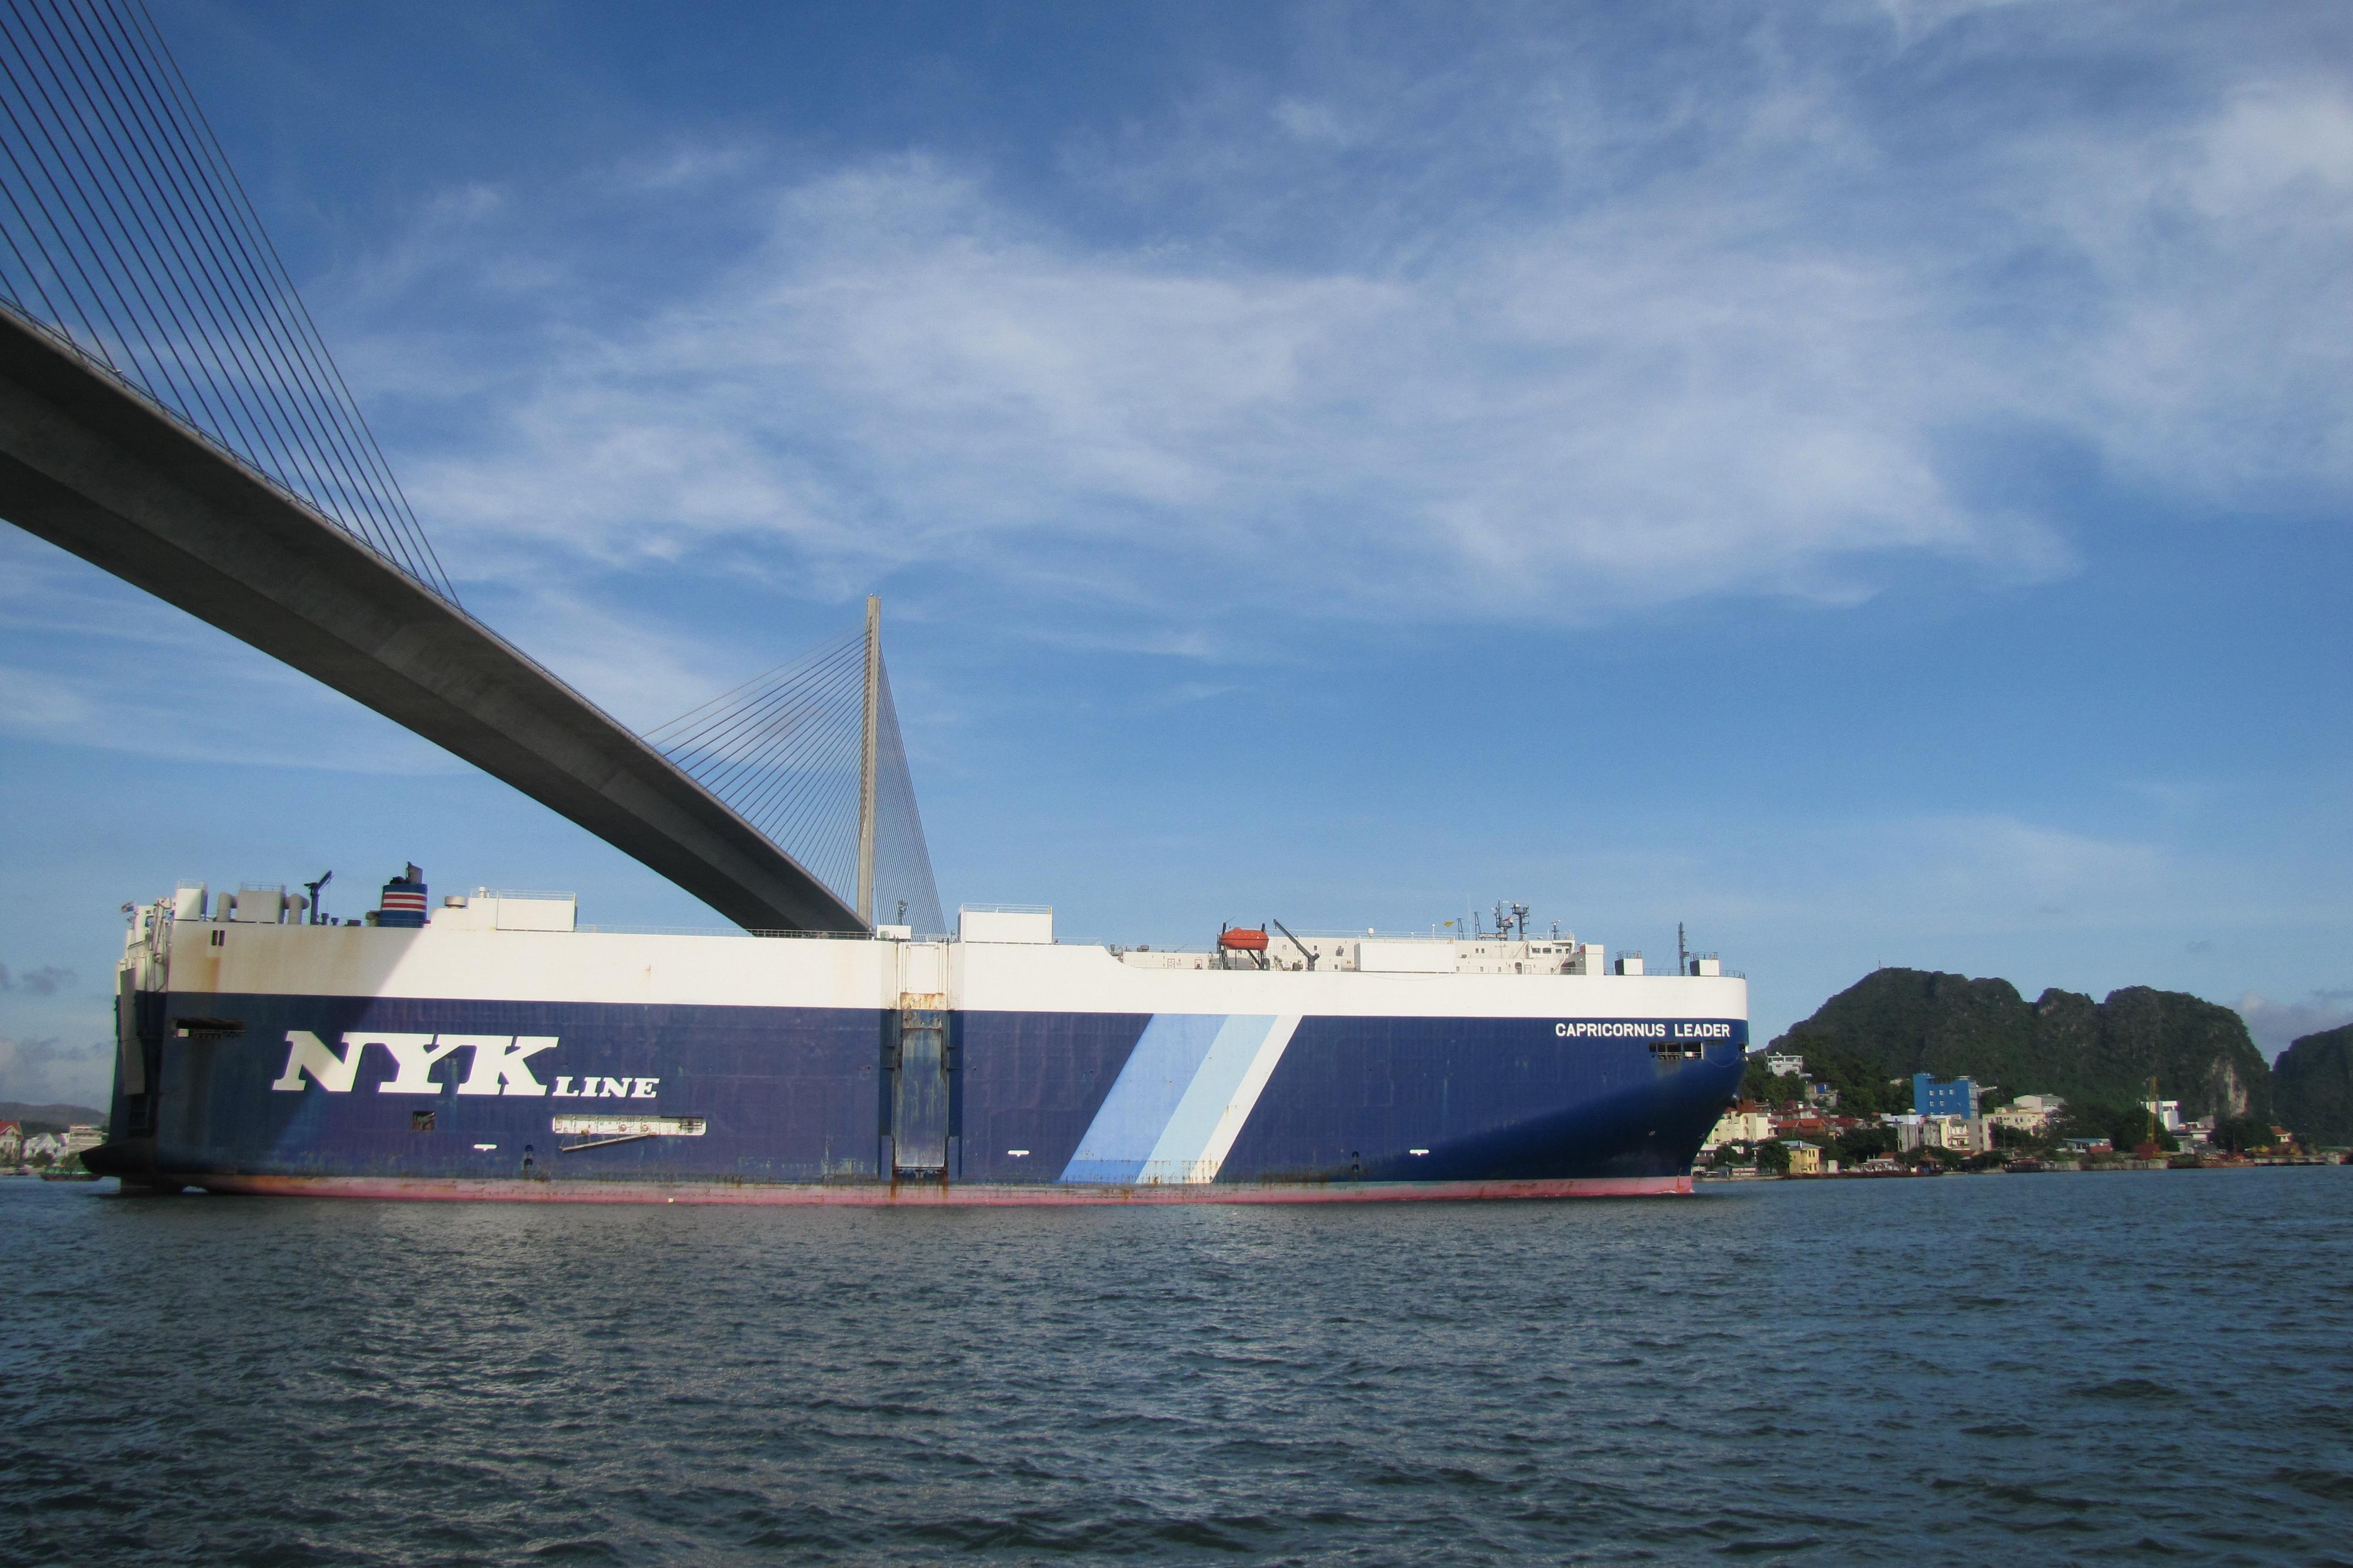 Dịch vụ đại lý giao nhận vận tải và thuê tầu – VOSA Quang Ninh - Đại lý  hàng hải Quảng Ninh